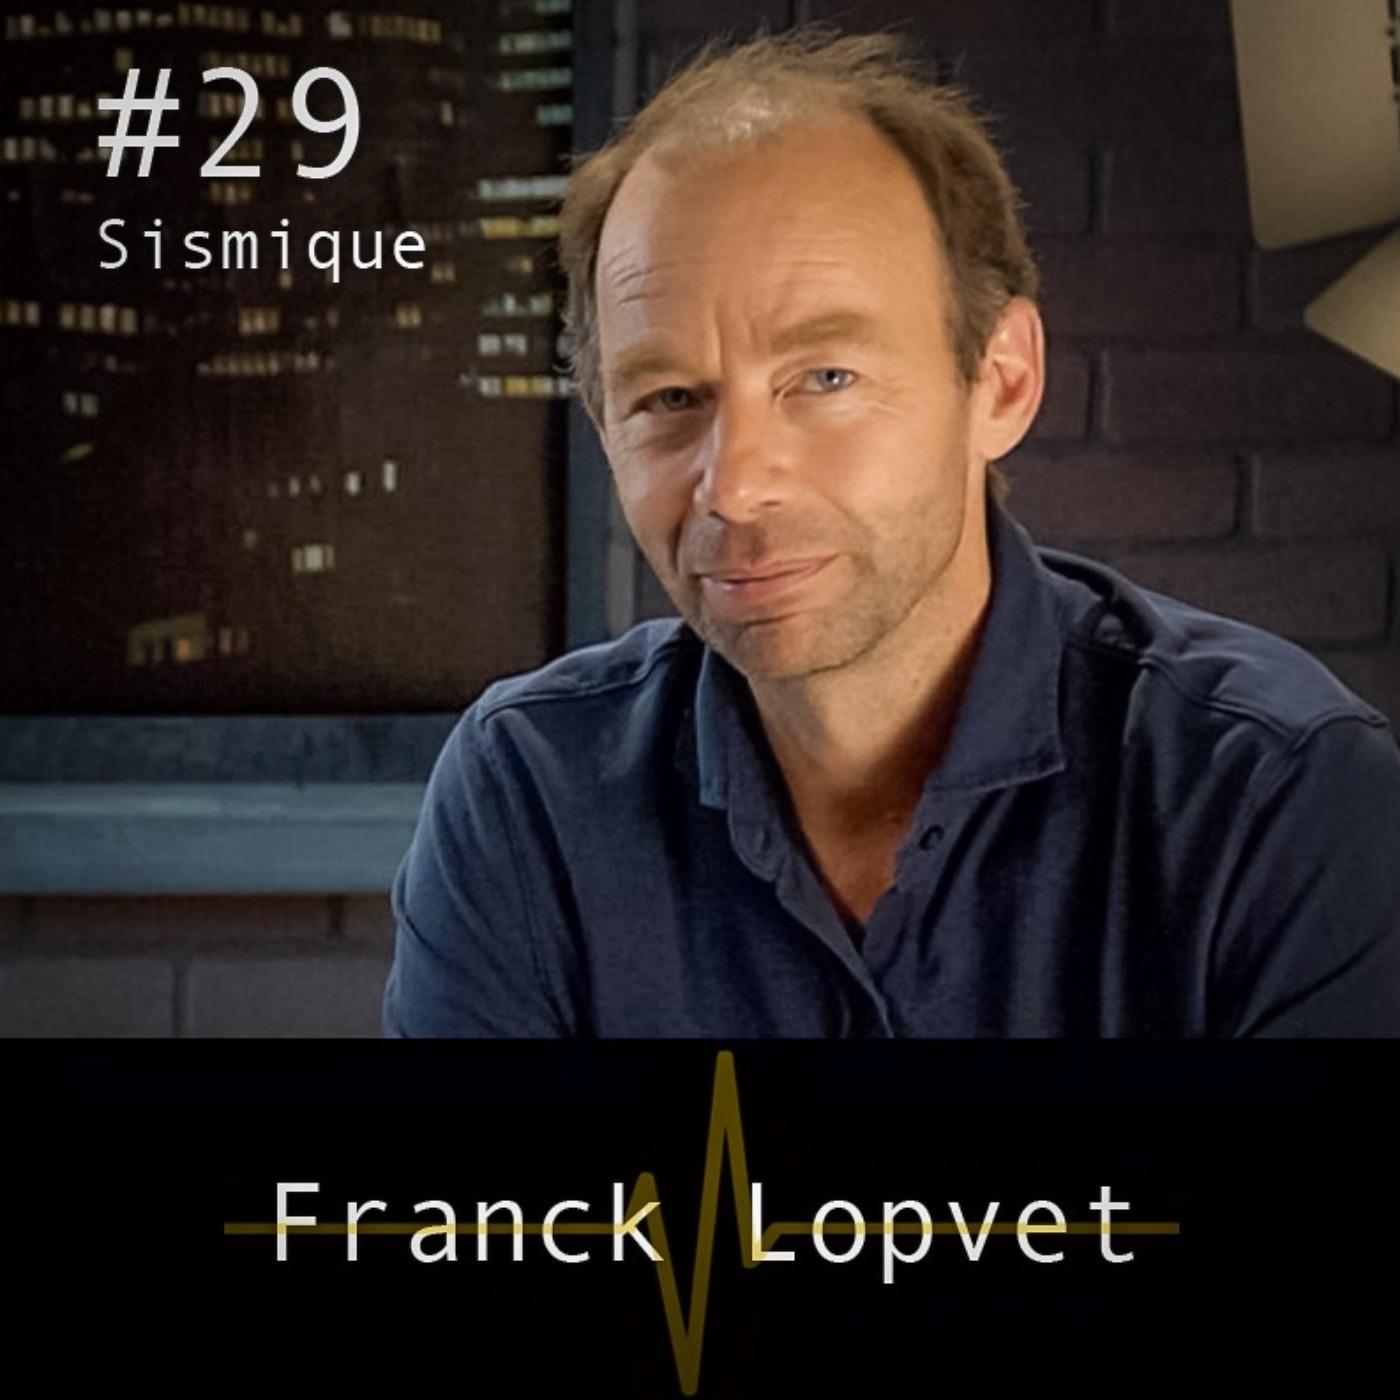 Faire confiance à la vie - Franck Lopvet